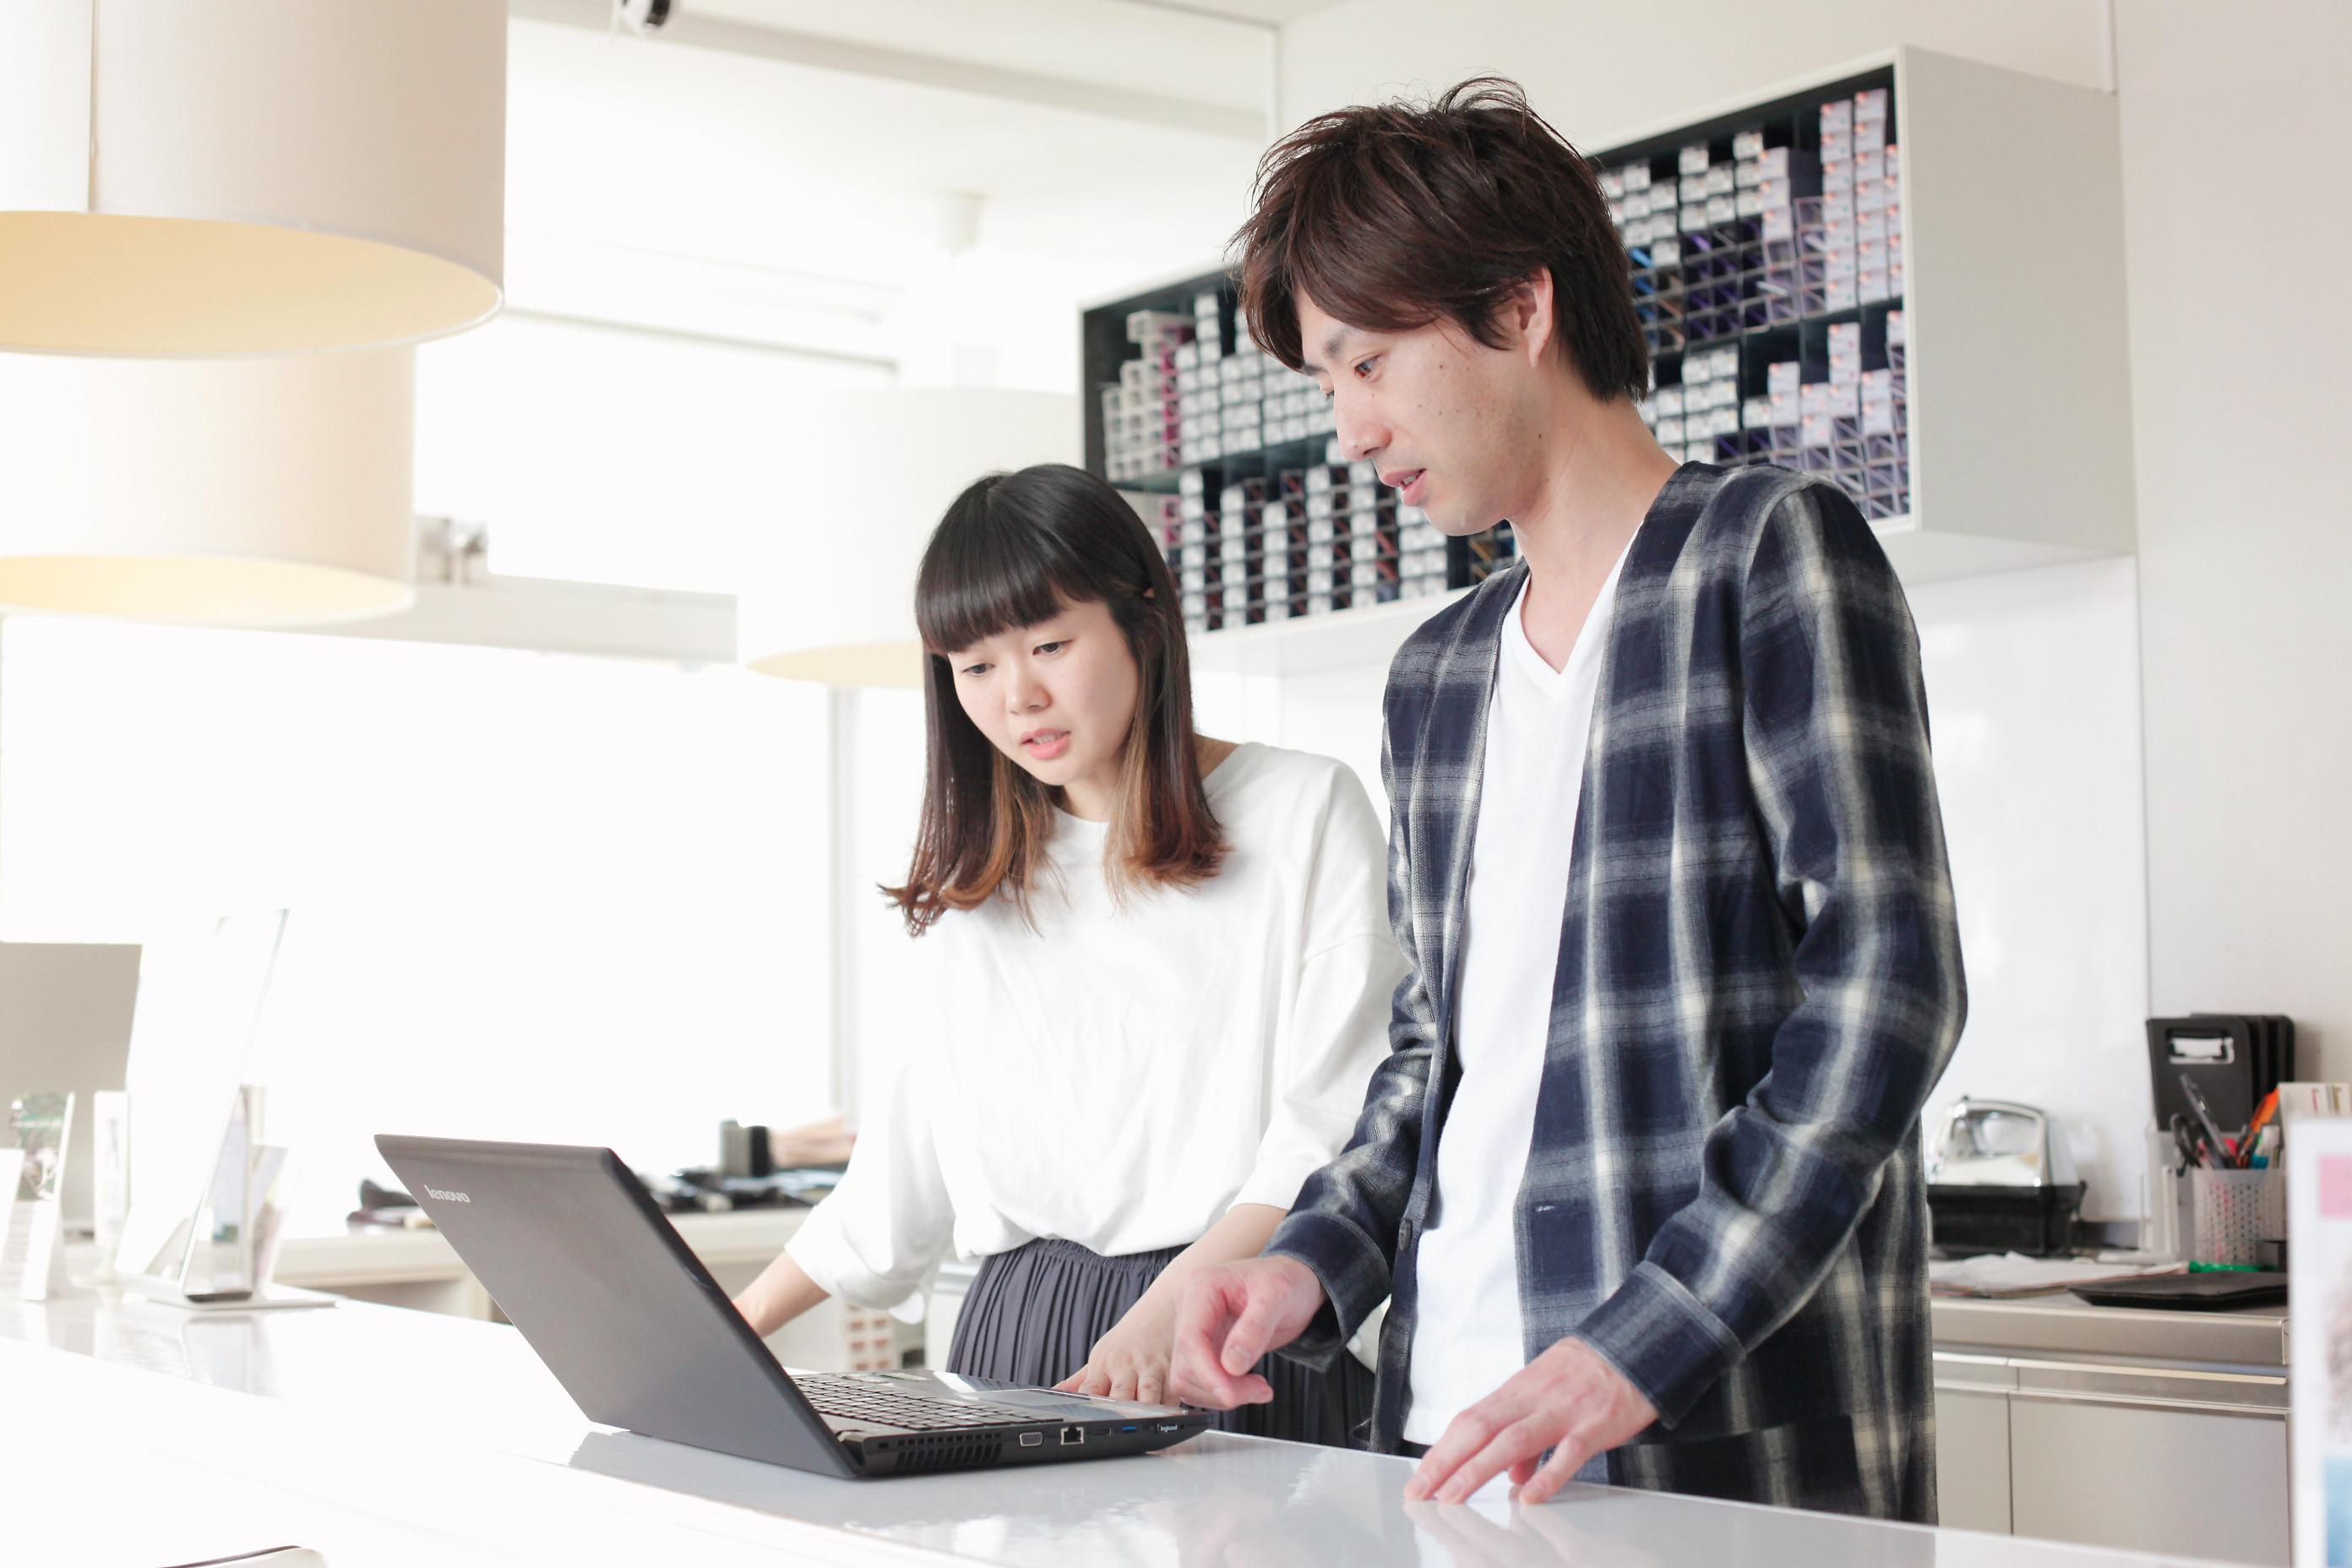 三軒茶屋店の店長を務める鈴木望美さんも、2歳の子どもを育てるママ。正社員の時短勤務を選択しているため、出勤は週5日、9時~17時。定休日に他店舗に出勤して、週末にその分の休みをとるなど調整も可能だという